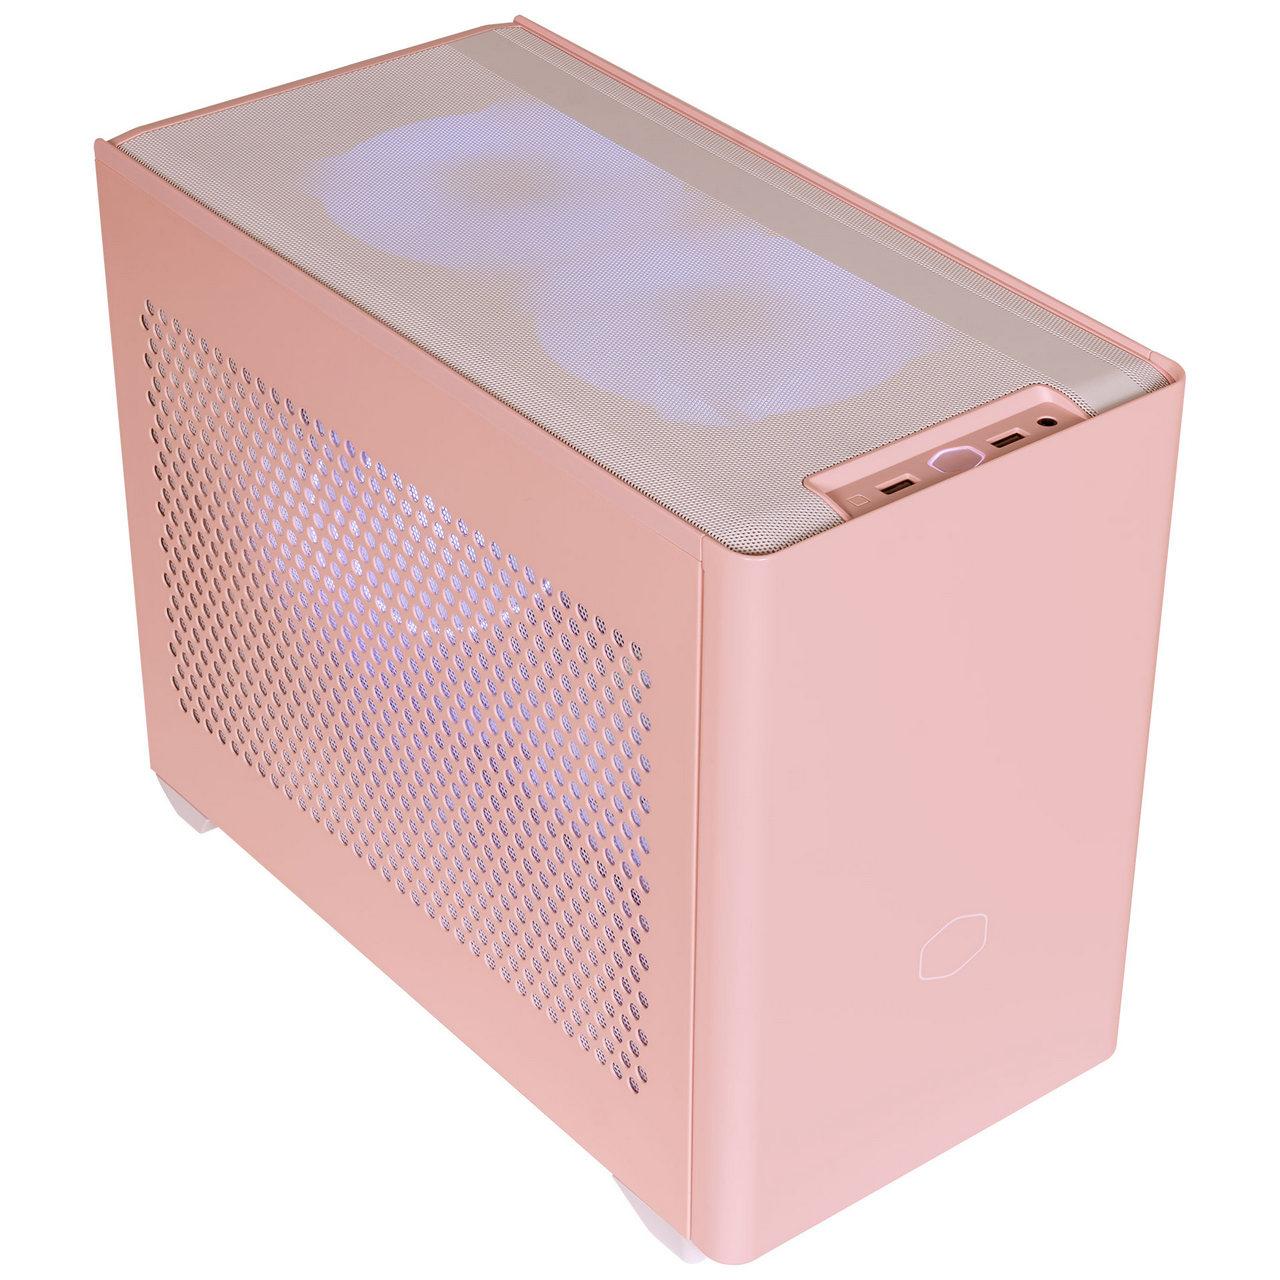 Cooler_Master_NR200P_FlamingoPink_